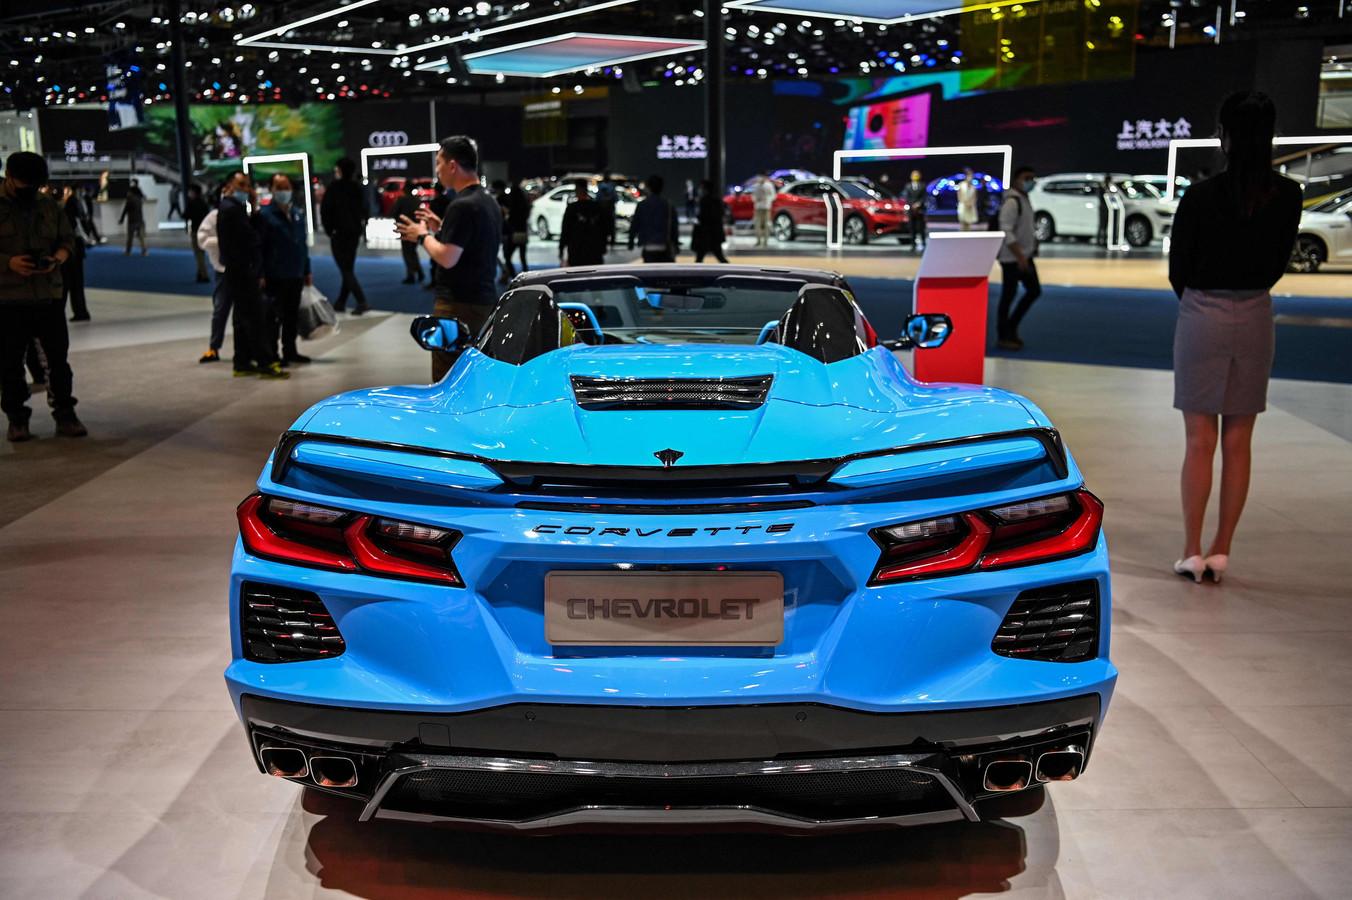 Ook Amerikaanse merken, zoals hier Chevrolet met zijn beroemde sportauto Corvette, doen goede zaken in China.